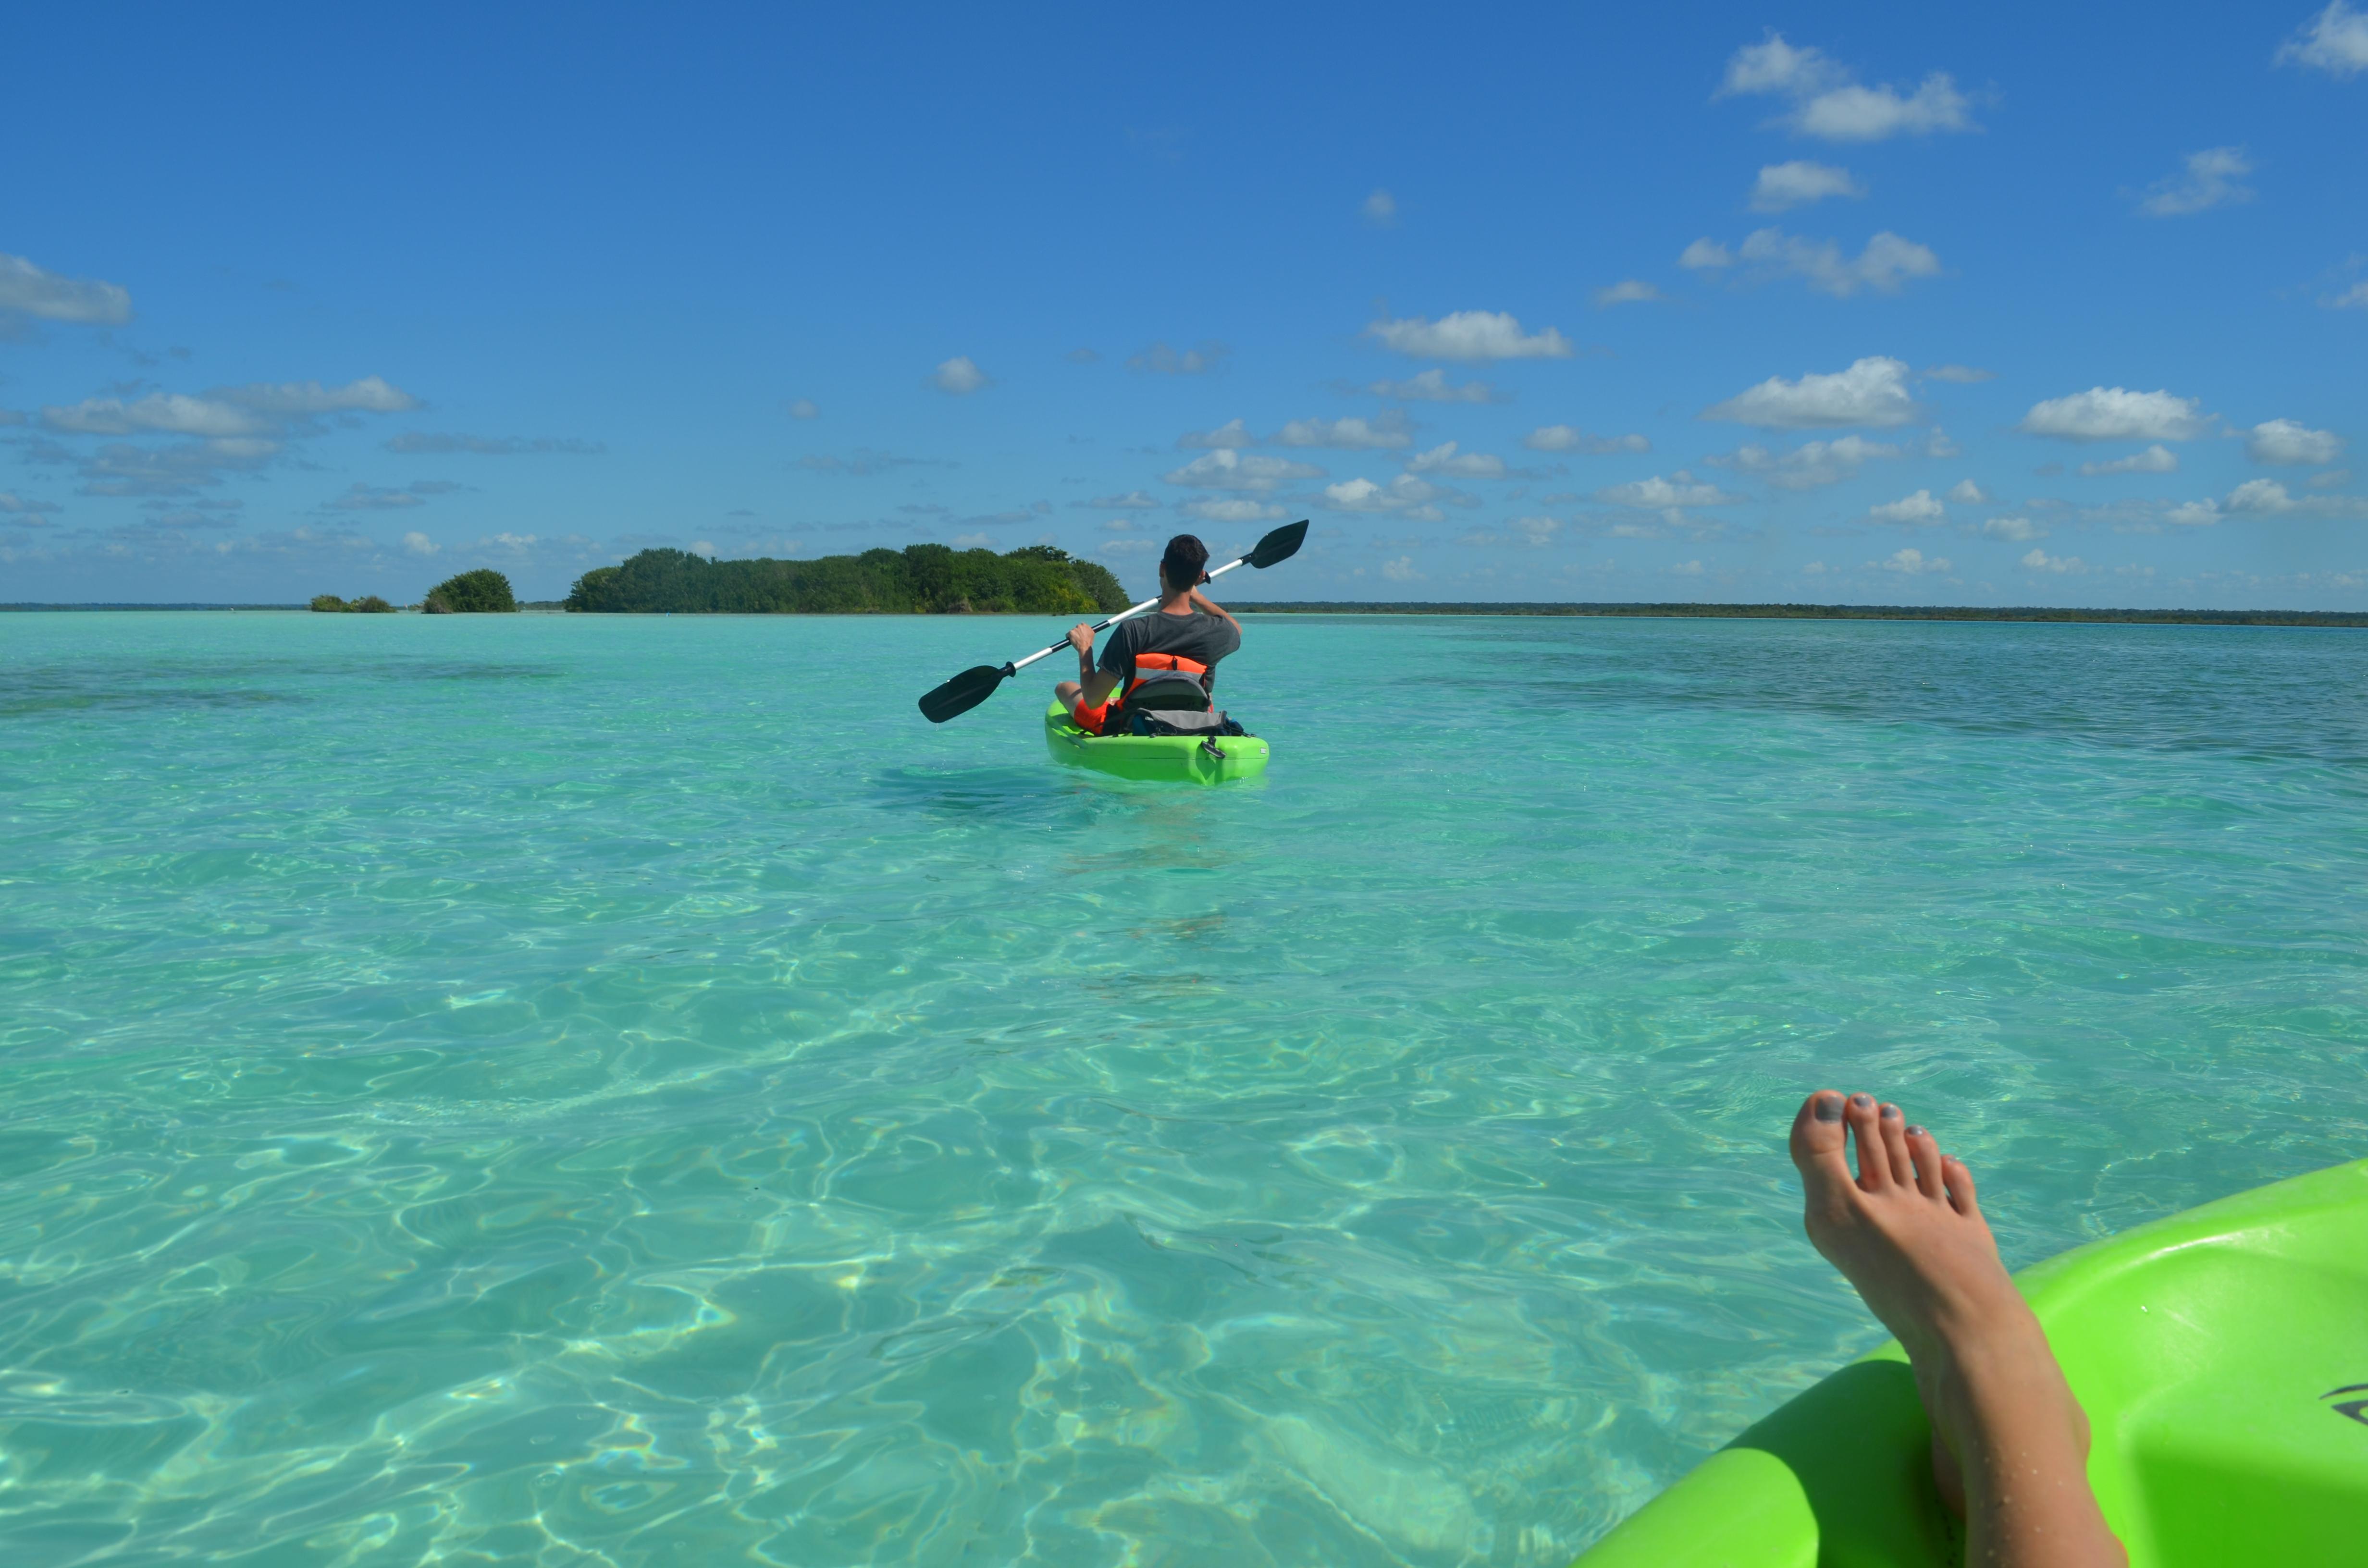 Türkisblaues Wasser und azurblauer Himmel: Kajak fahren auf der Laguna Bacalar.